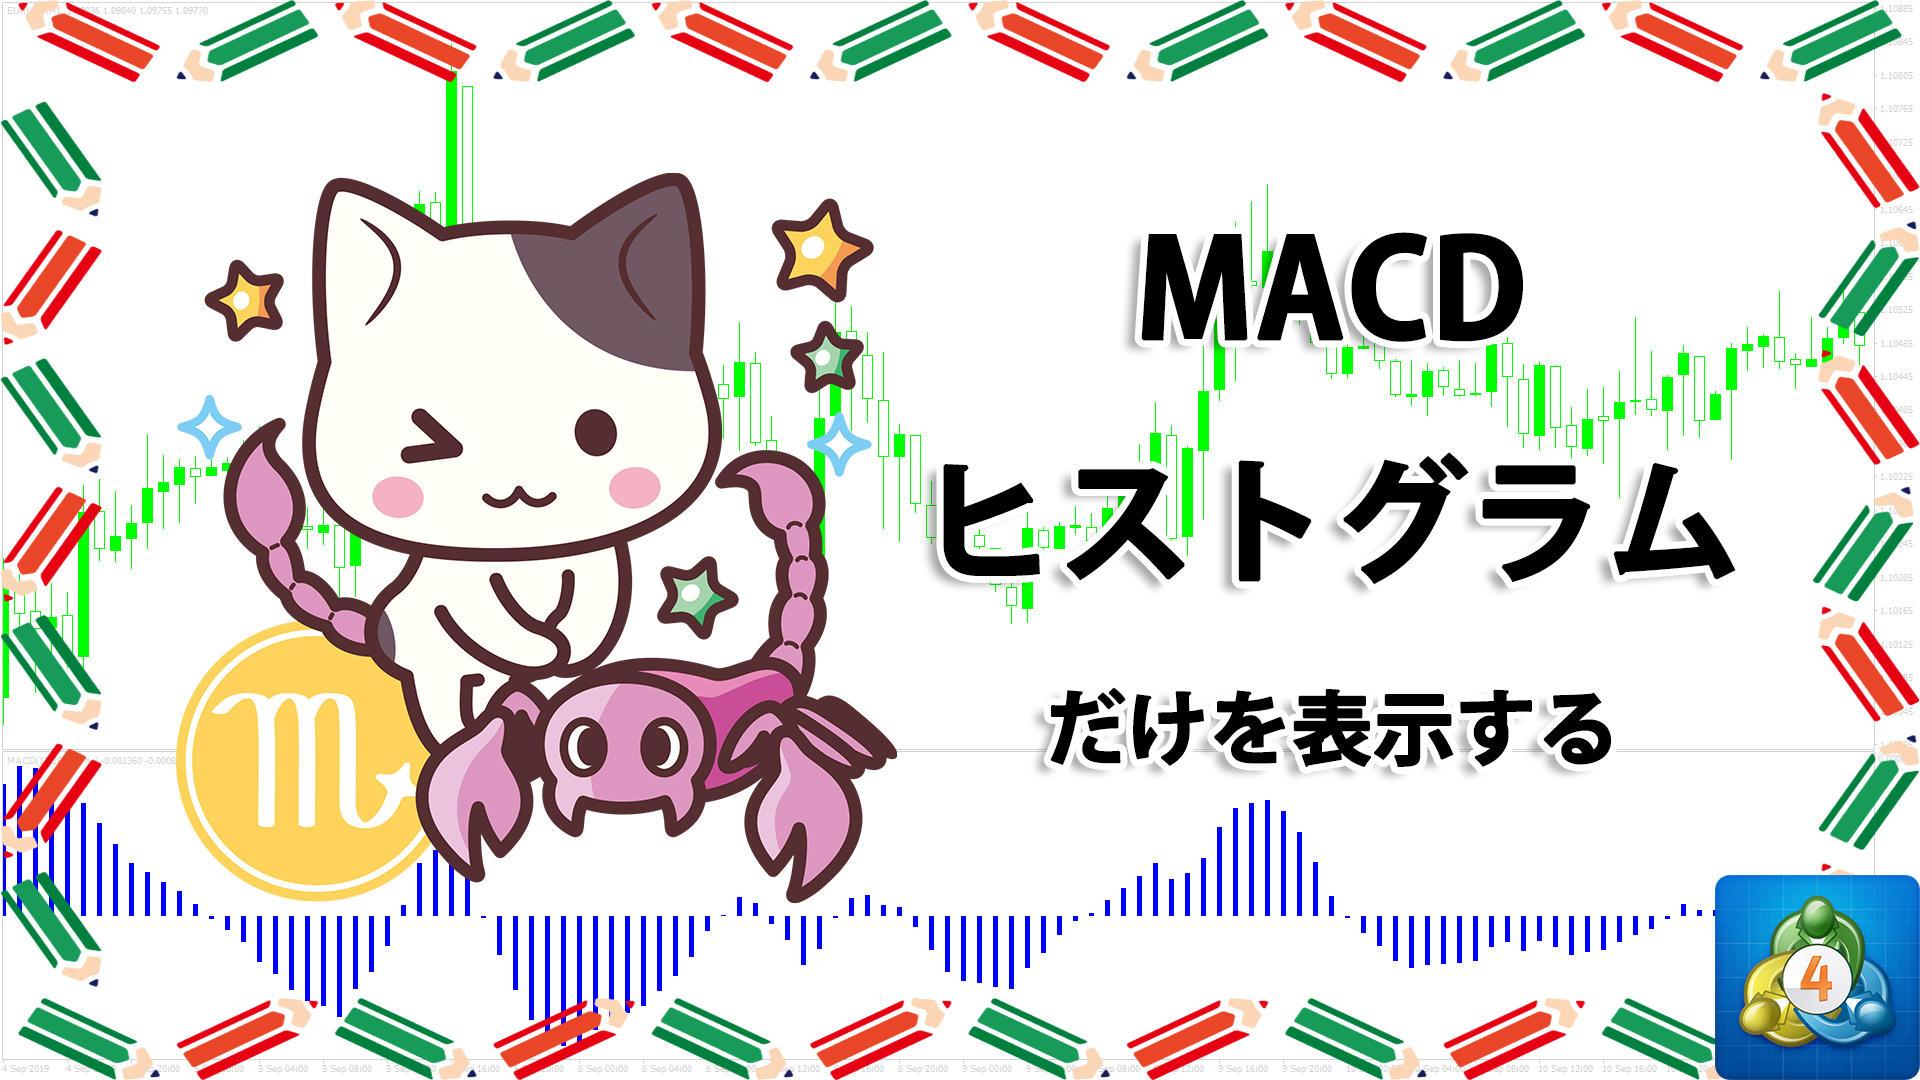 MACDヒストグラムだけを表示するMT4インジケーター「Tipama」